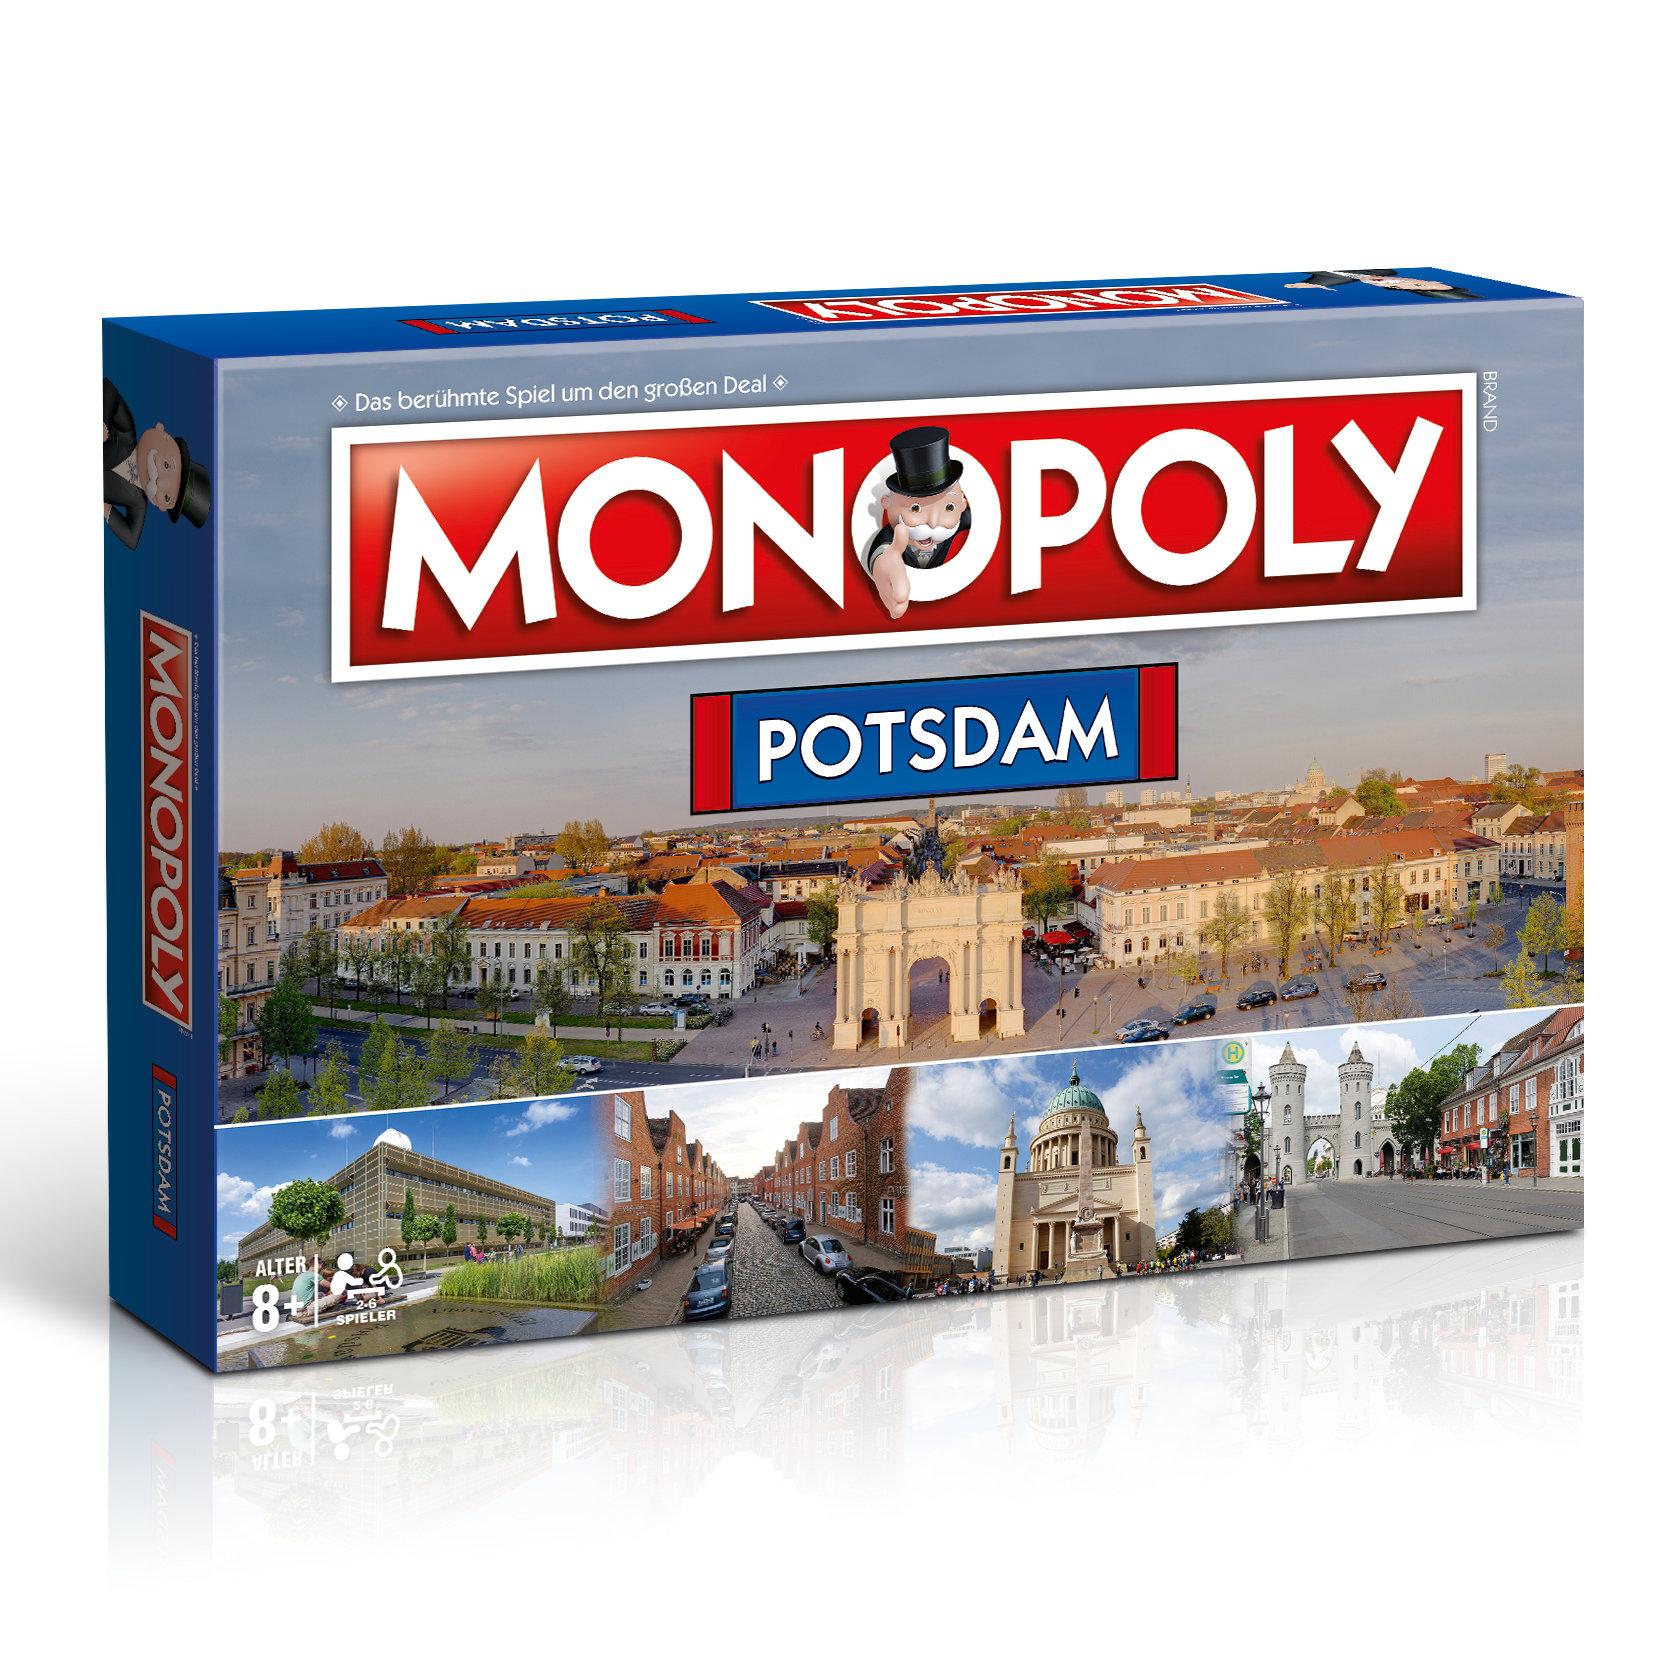 Monopoly Potsdam